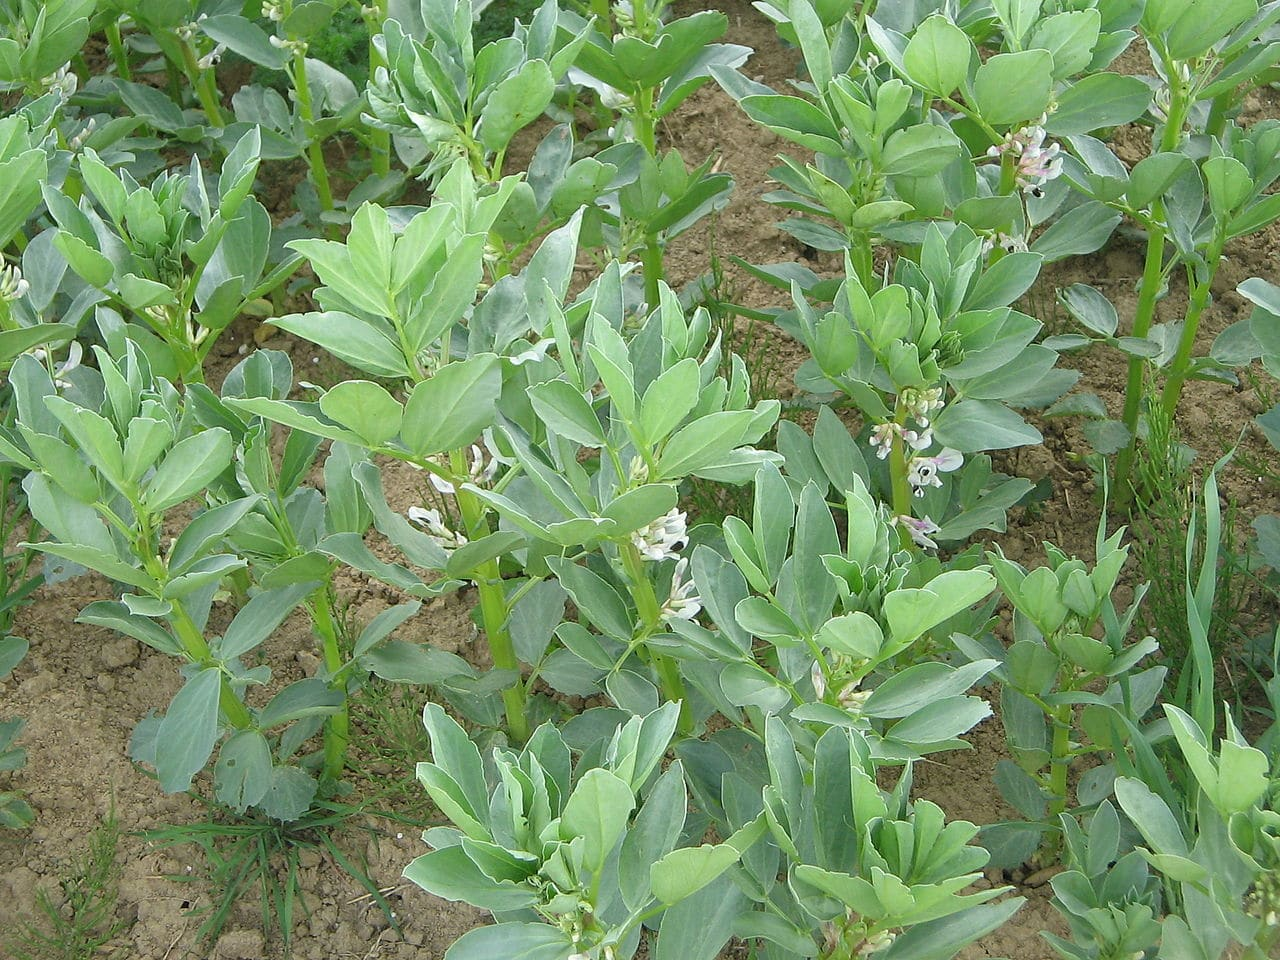 Las habas son plantas que producen semillas comestibles